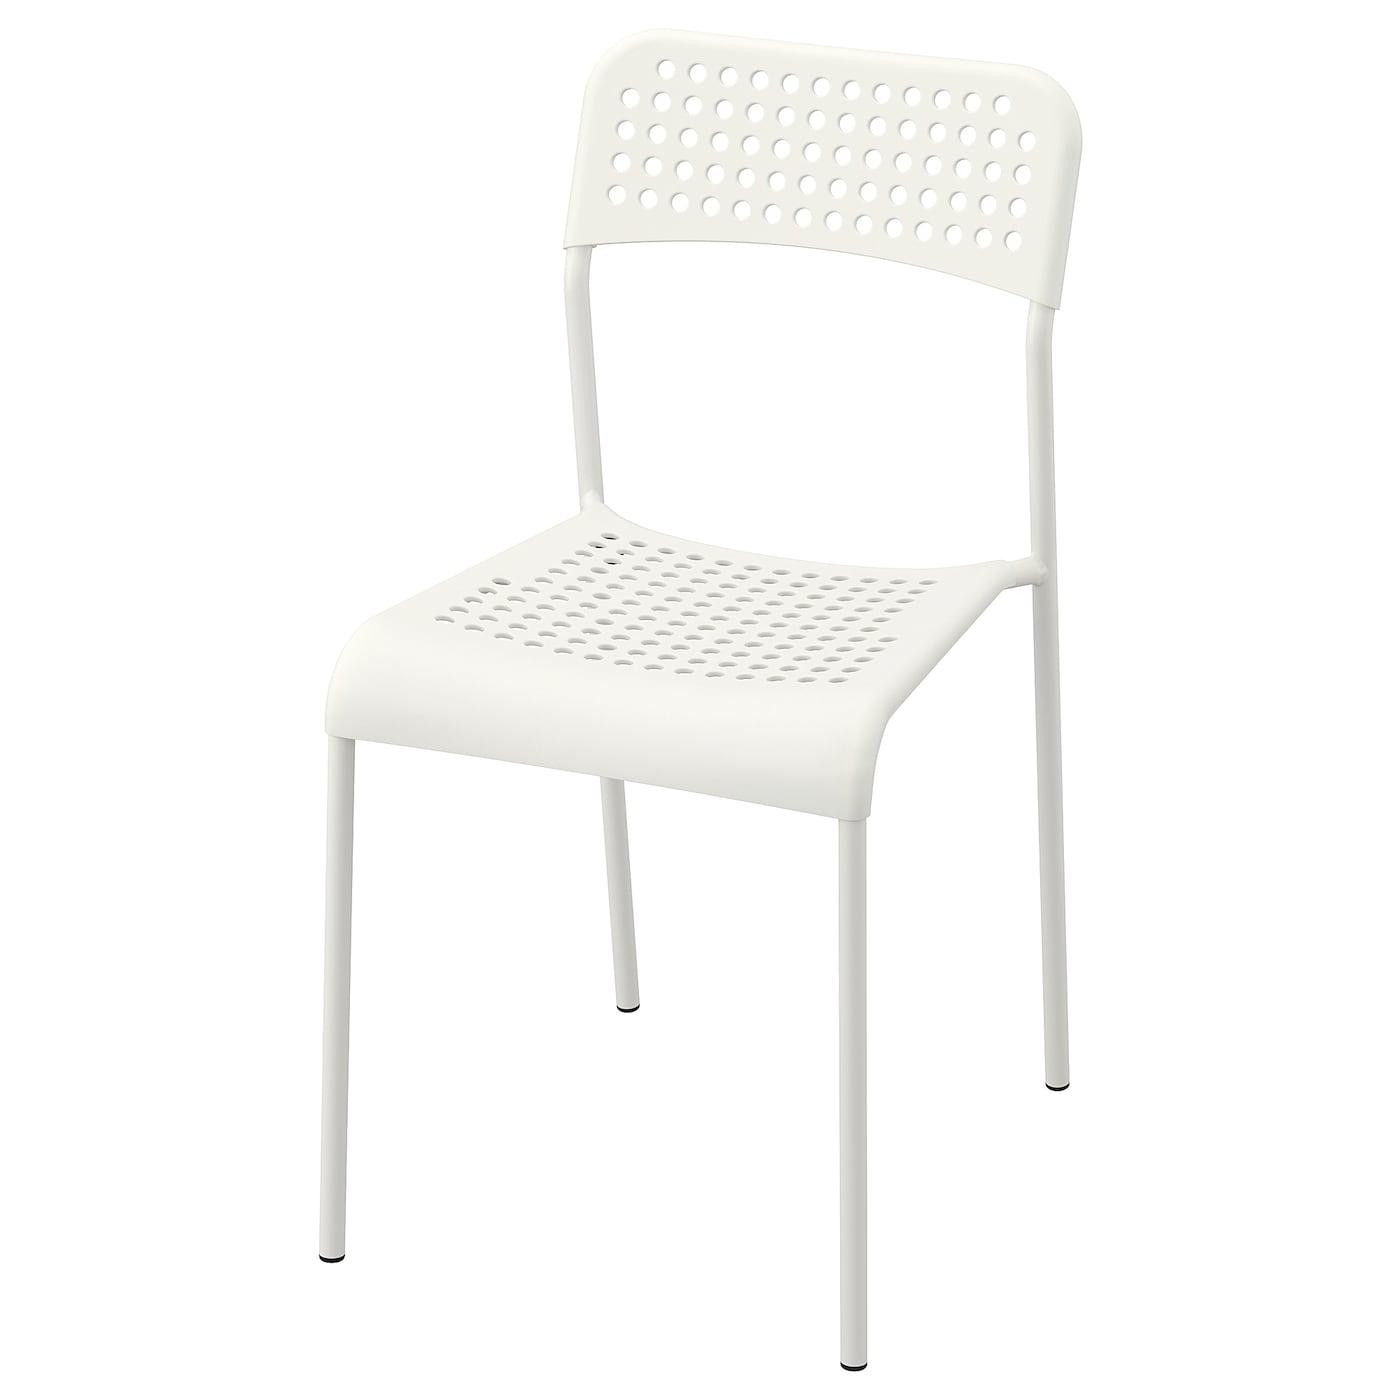 MELLTORP / ADDE Table et 7 chaises - motif mosaïque blanc/blanc 7x7 cm